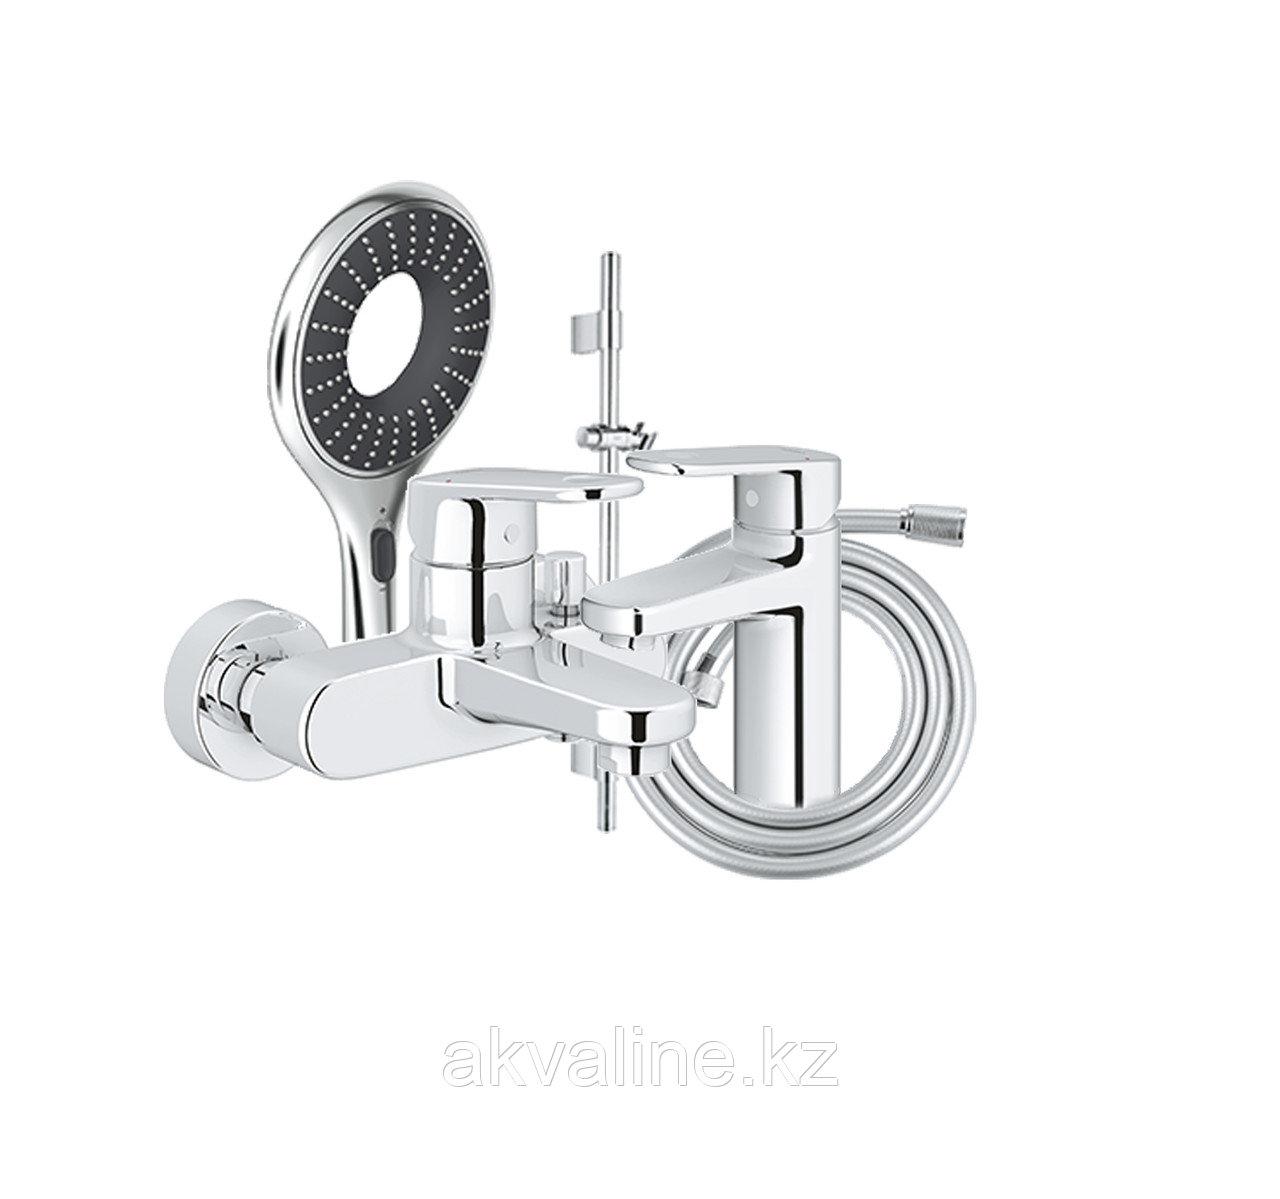 Комплект смеситель для ванны Europlus II , штанга 600мм, ручной душ, шланг, смеситель для раковины